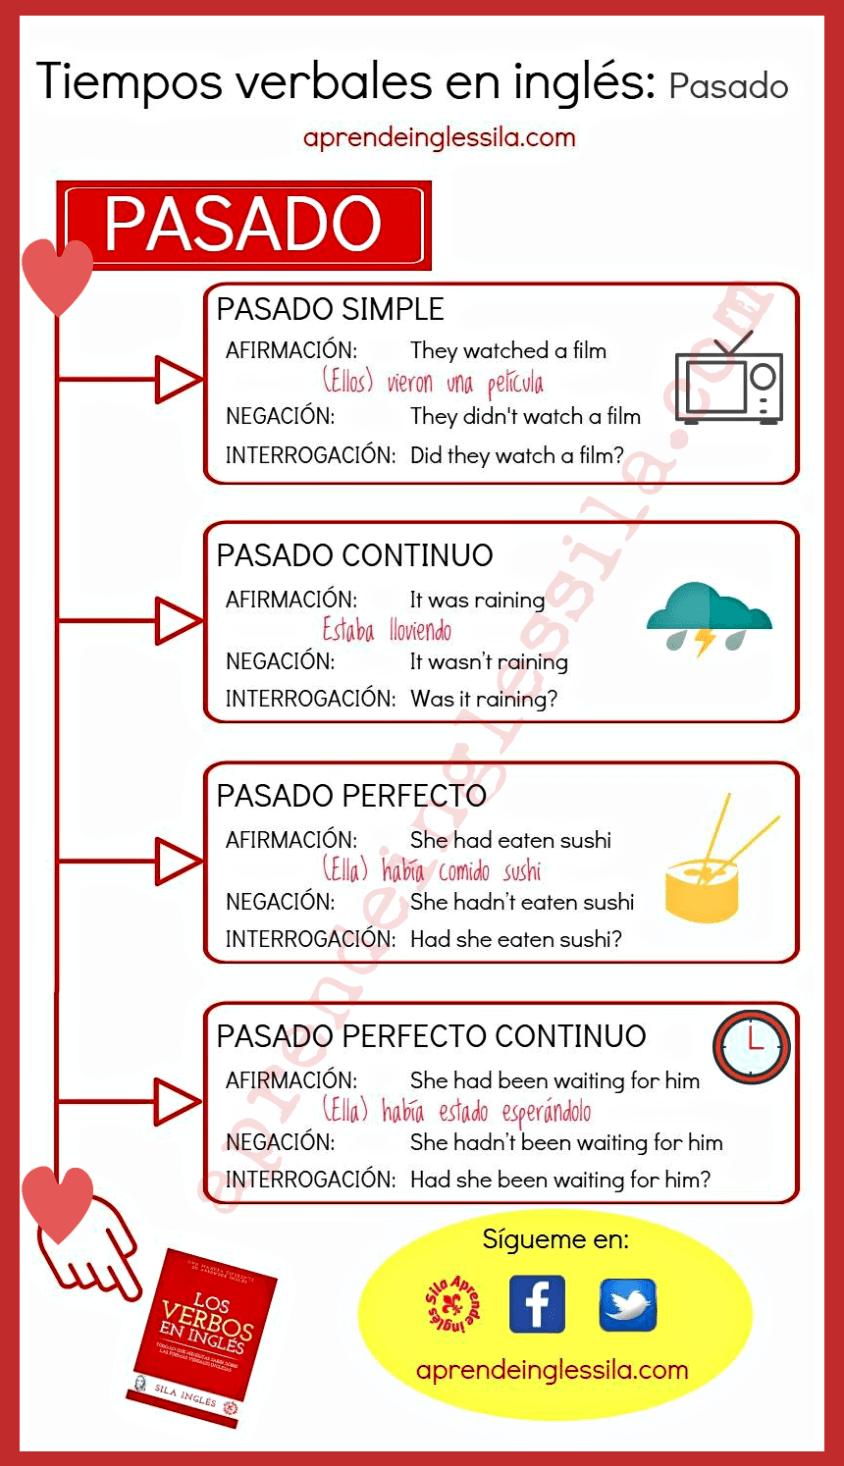 Tiempos verbales en ingl s idioma pinterest tiempos for Tiempo aprender ingles